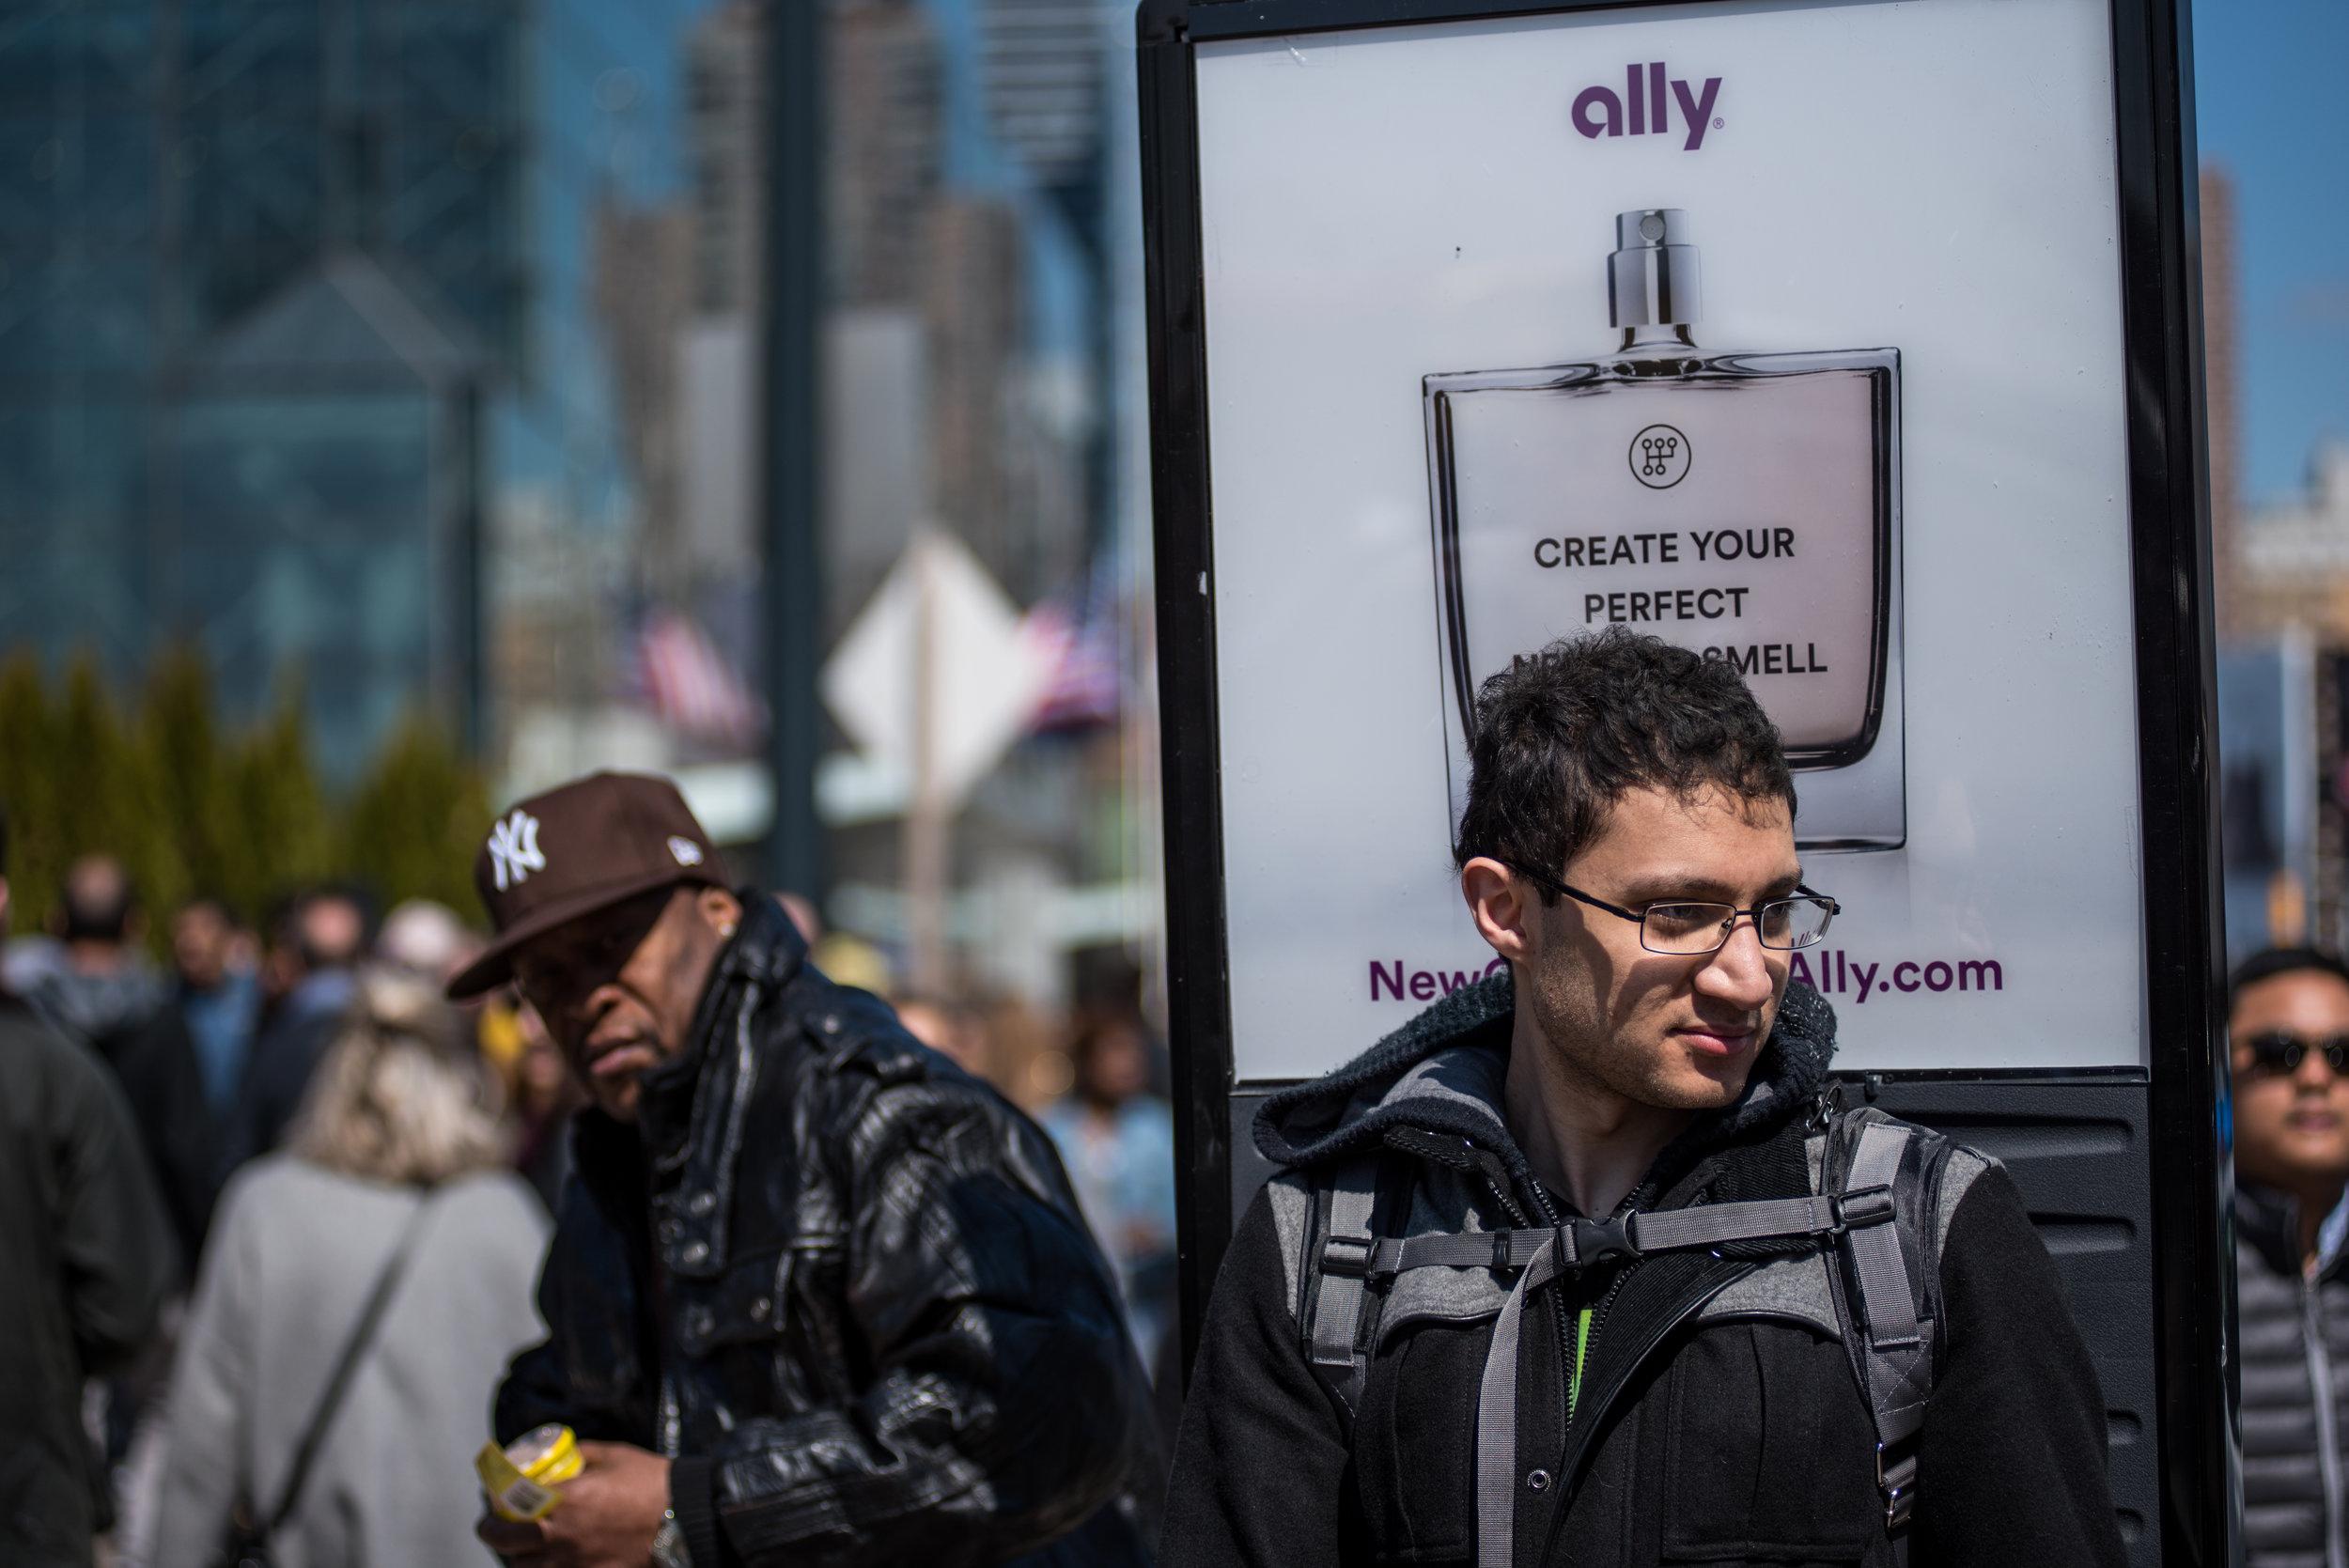 cool billboard backpack